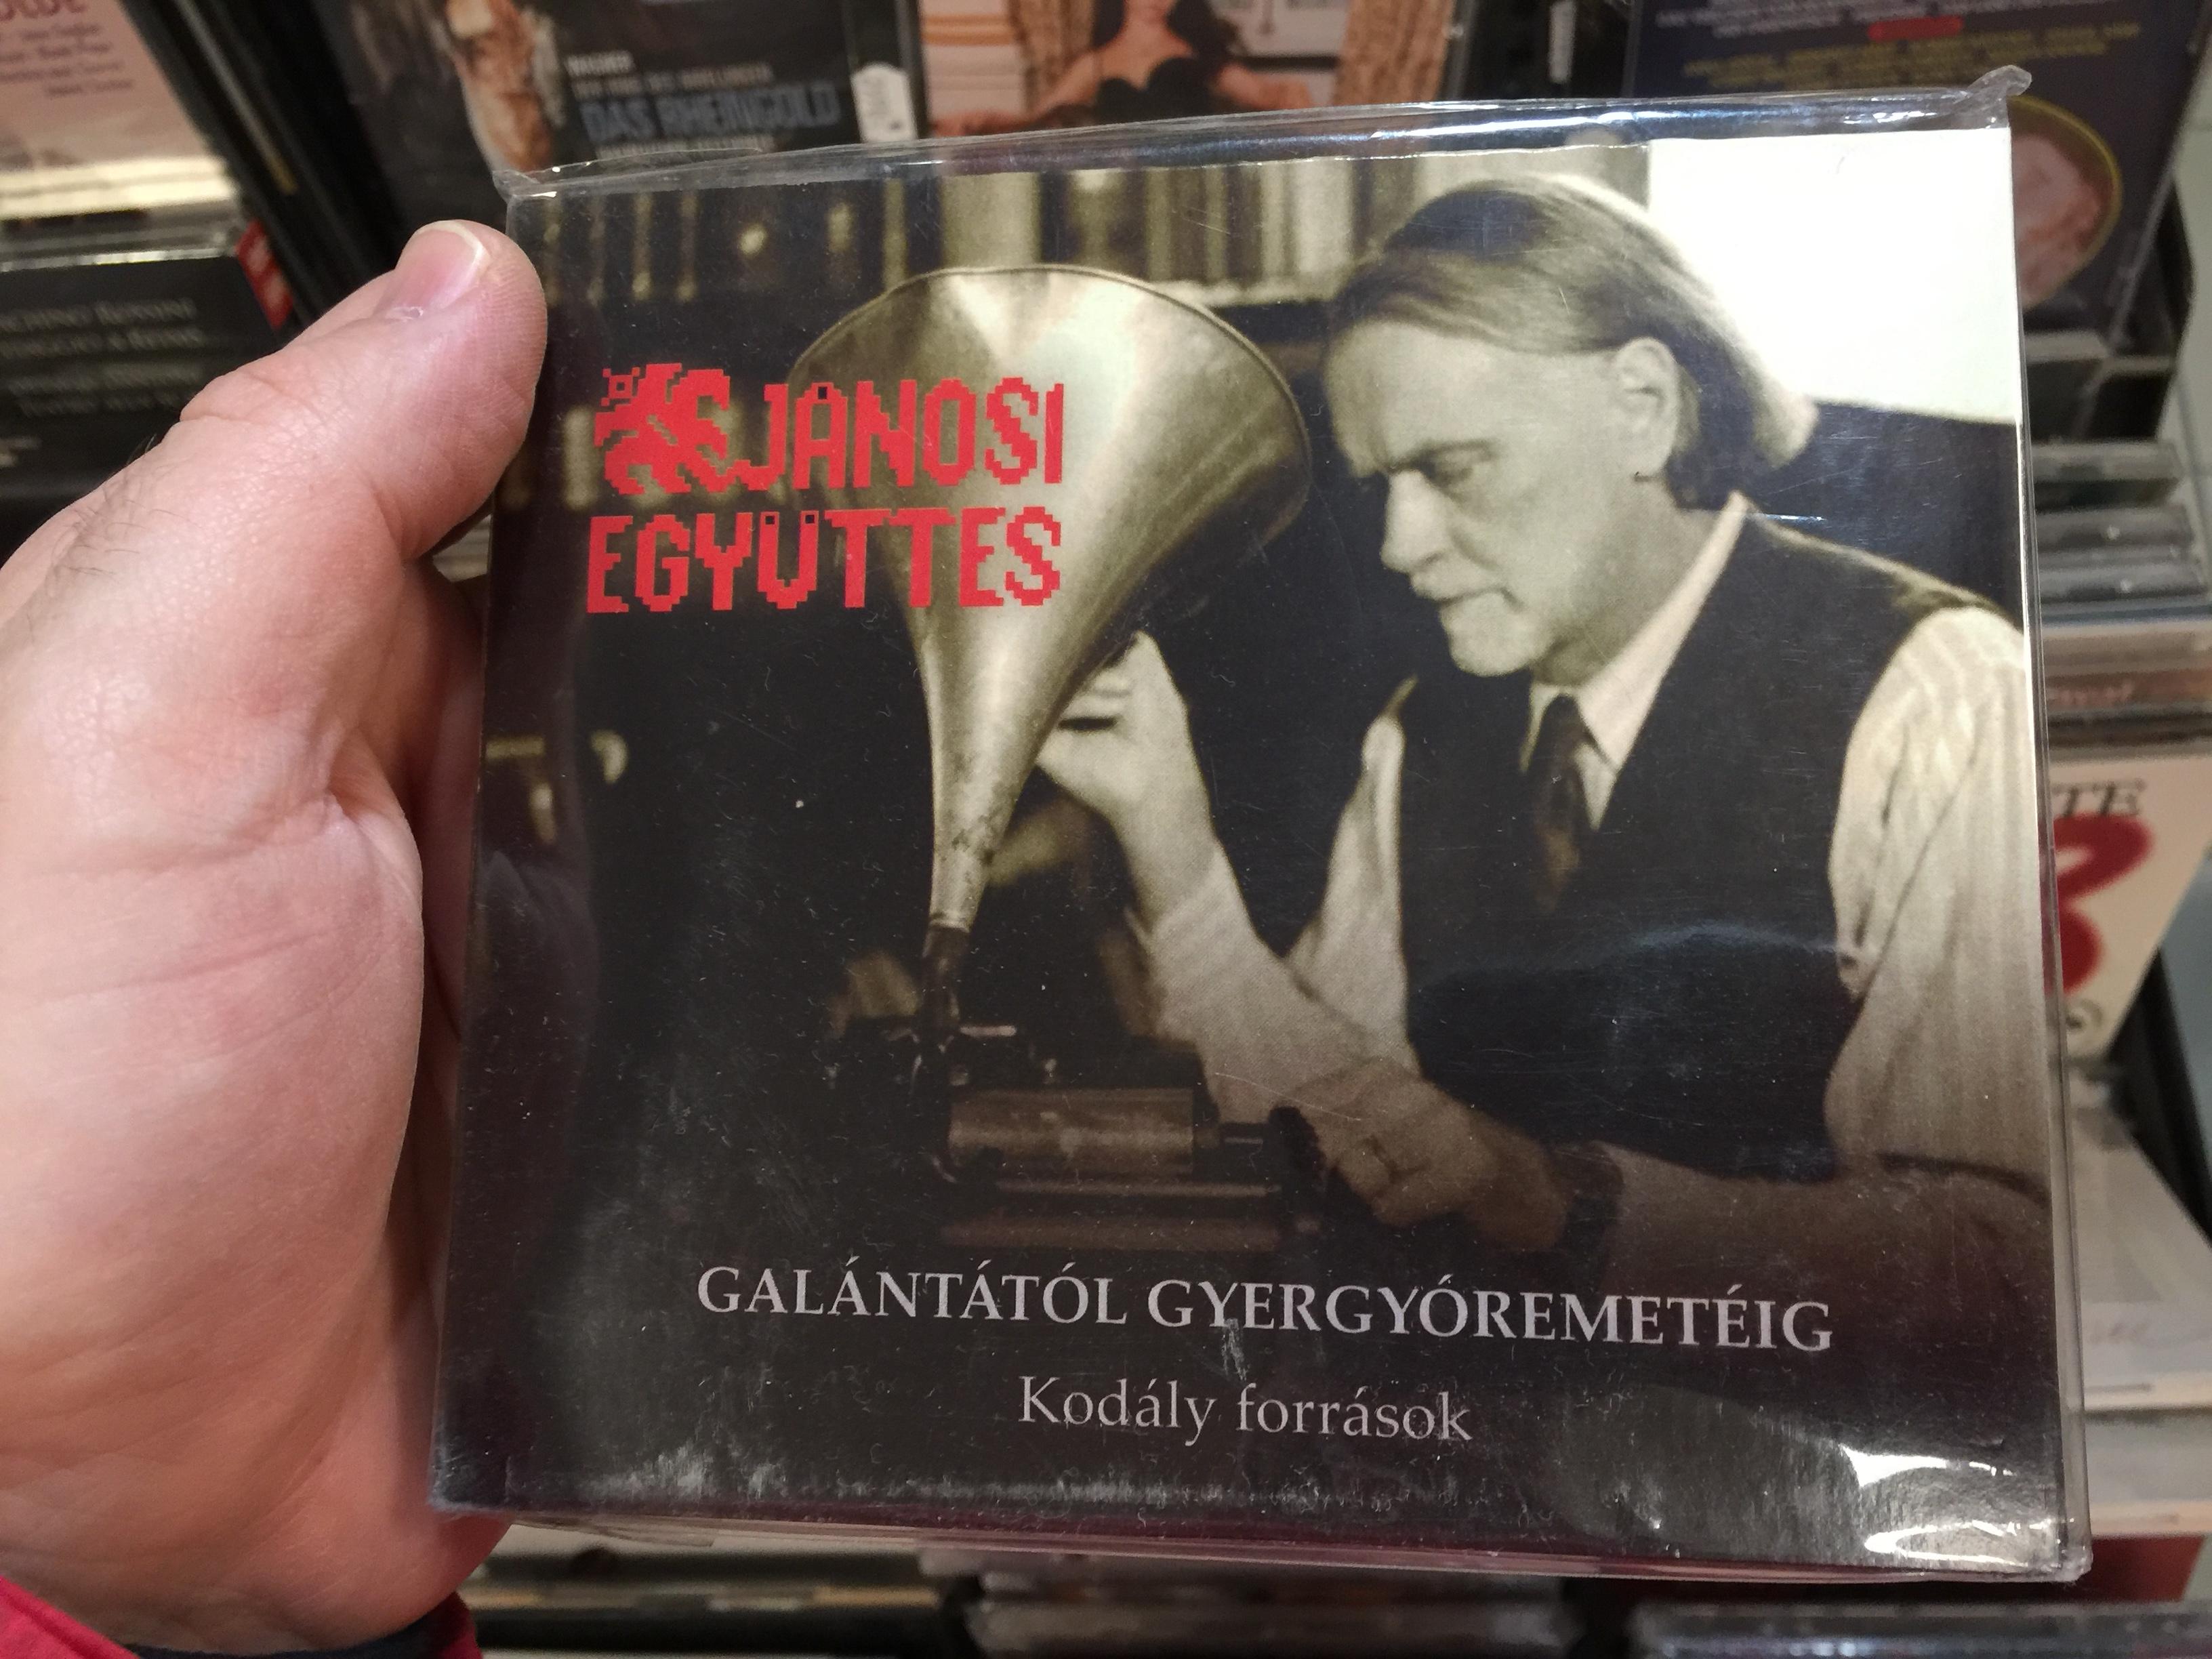 janosi-egyuttes-galantatol-gyergyoremeteig-kodaly-forrasok-magyar-kultura-kiado-audio-cd-1-.jpg